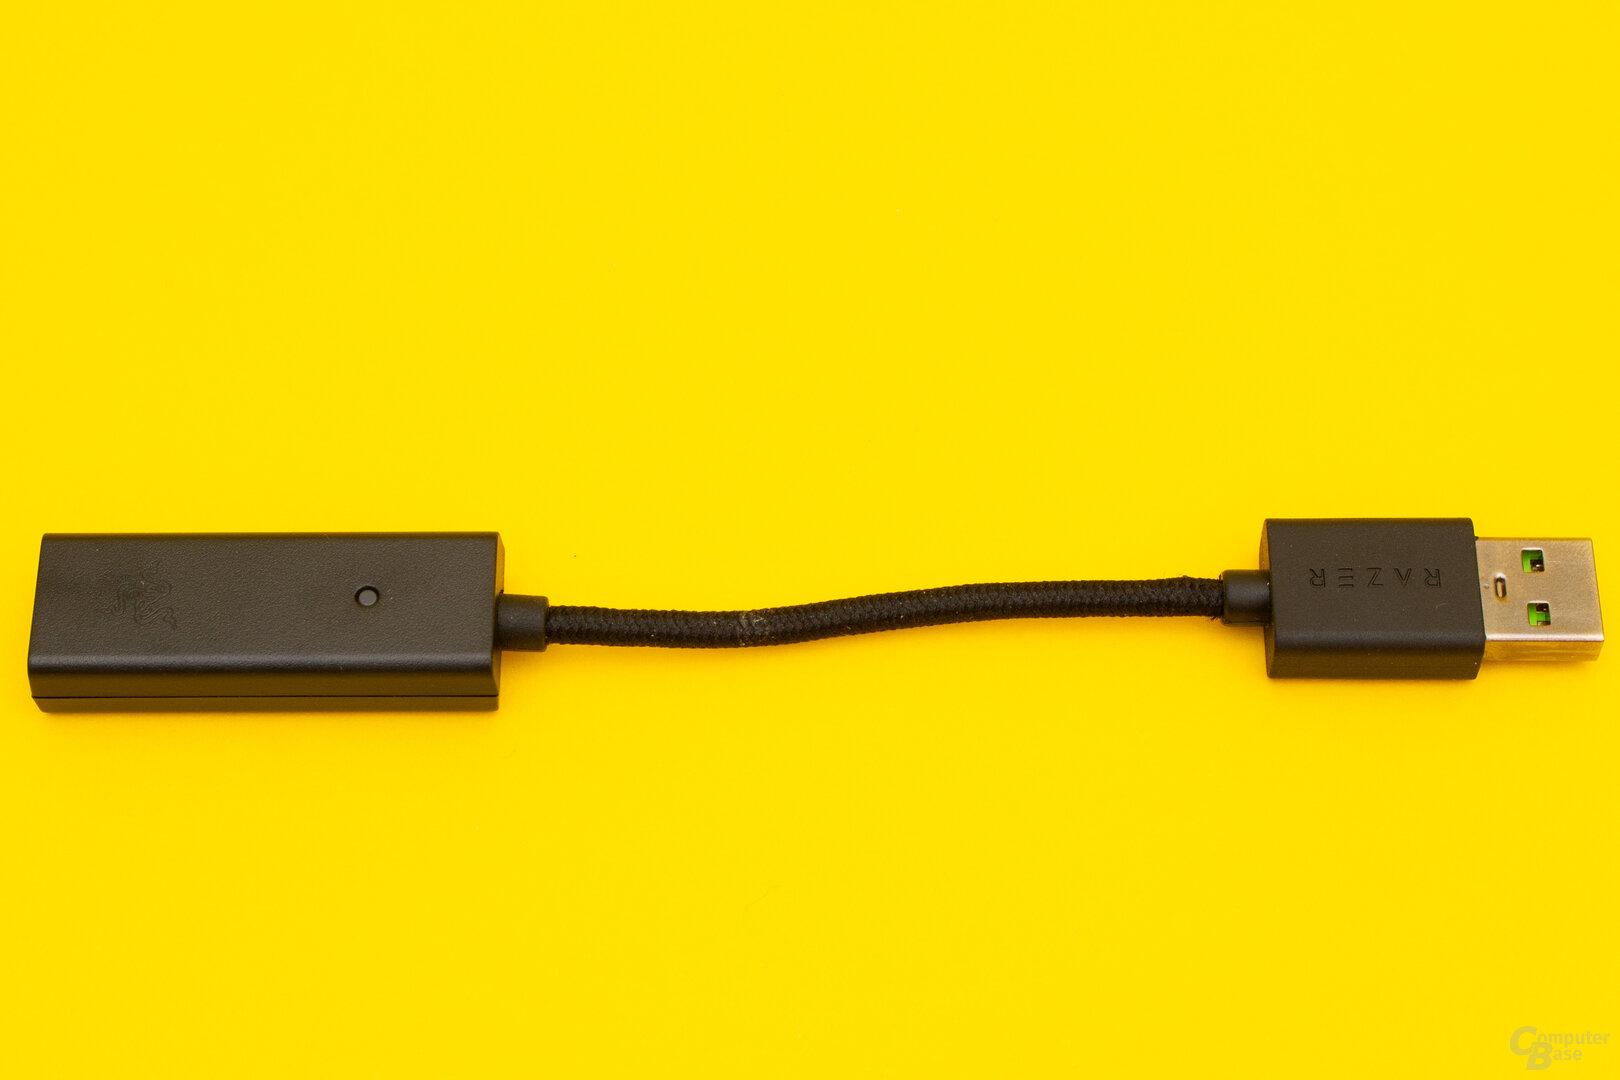 Die USB-Soundkarte des BlackShark V2 ist klein und liefert nur einen mittelmäßigen Klang